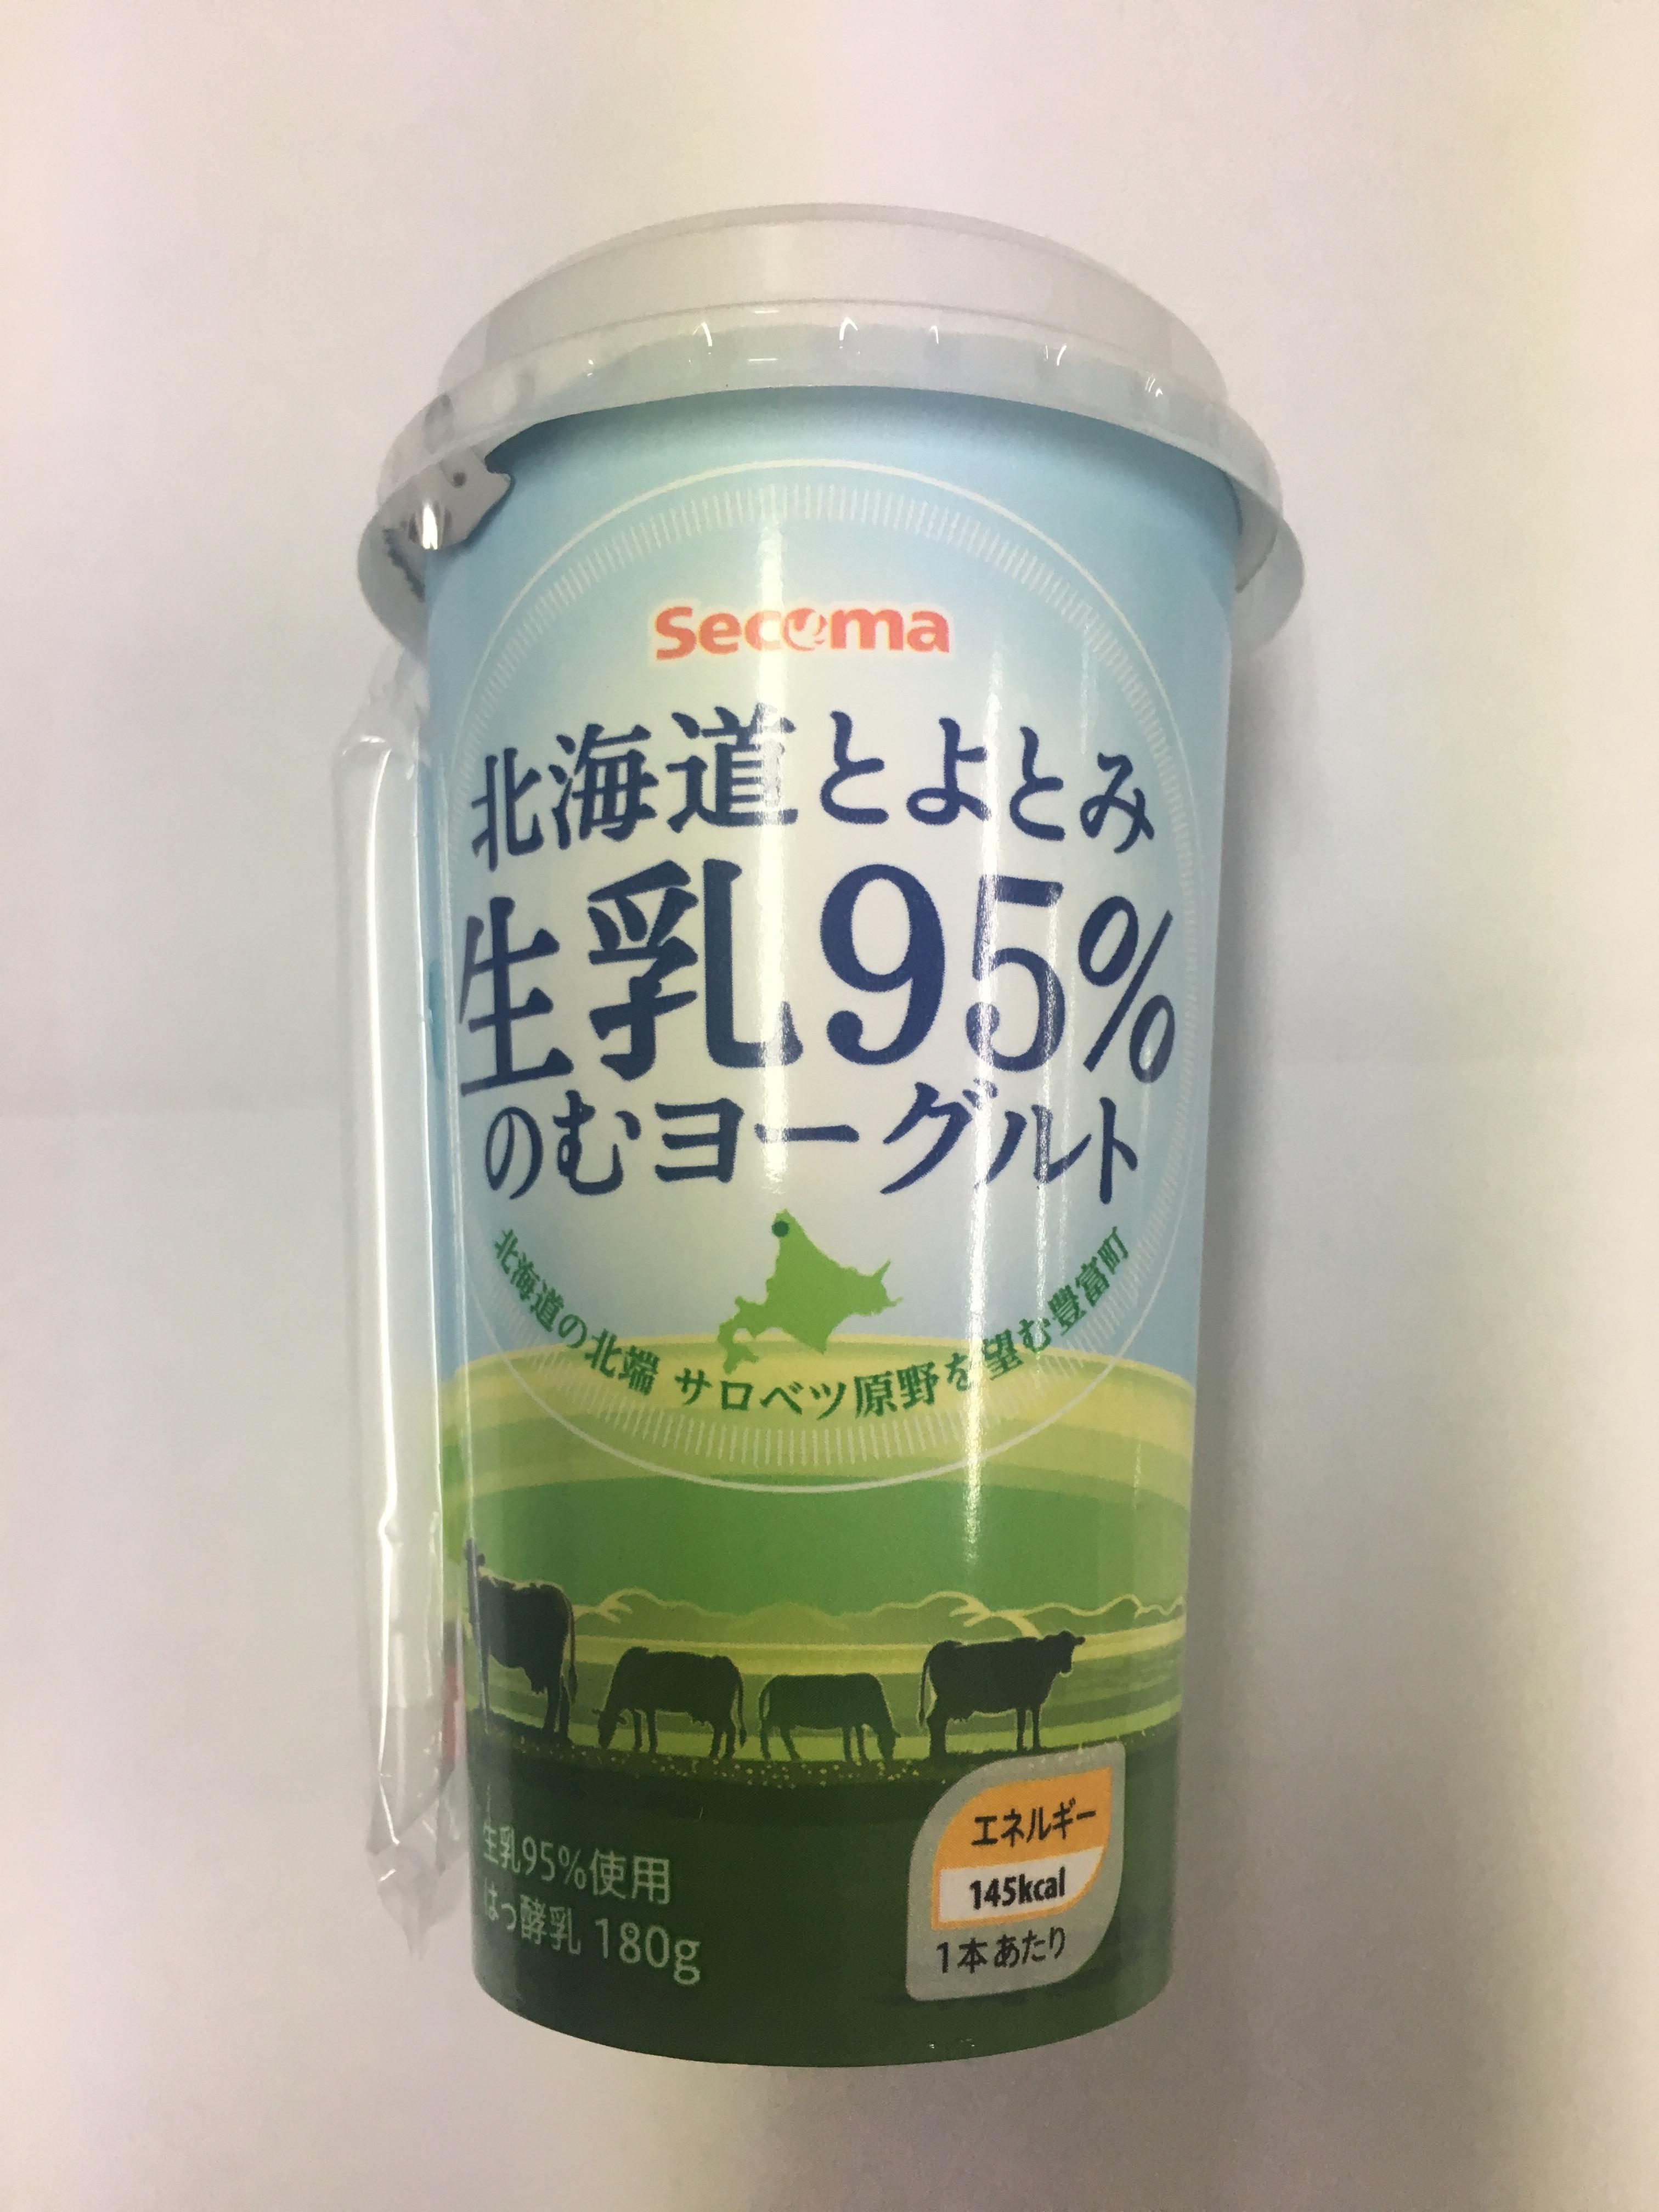 セコマ【北海道とよとみ生乳95% のむヨーグルト】